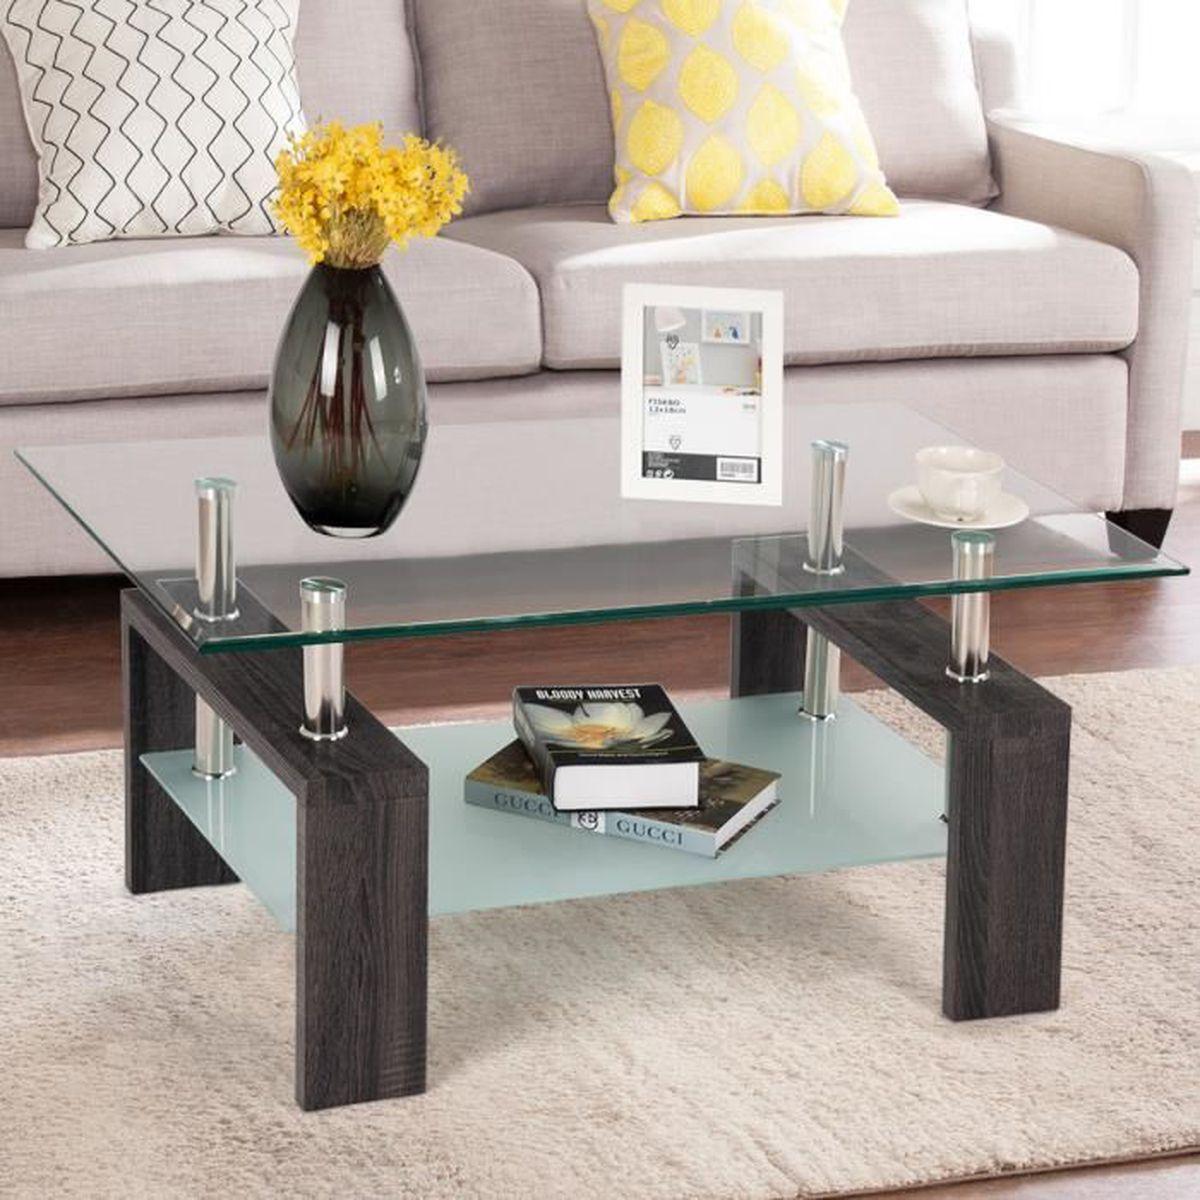 COSTWAY Table Basse Table d'appoint de Salon avec Etagère Inférieure en  Verre Trempé Transparent Plateau 100 x 60 x 45 cm Noir